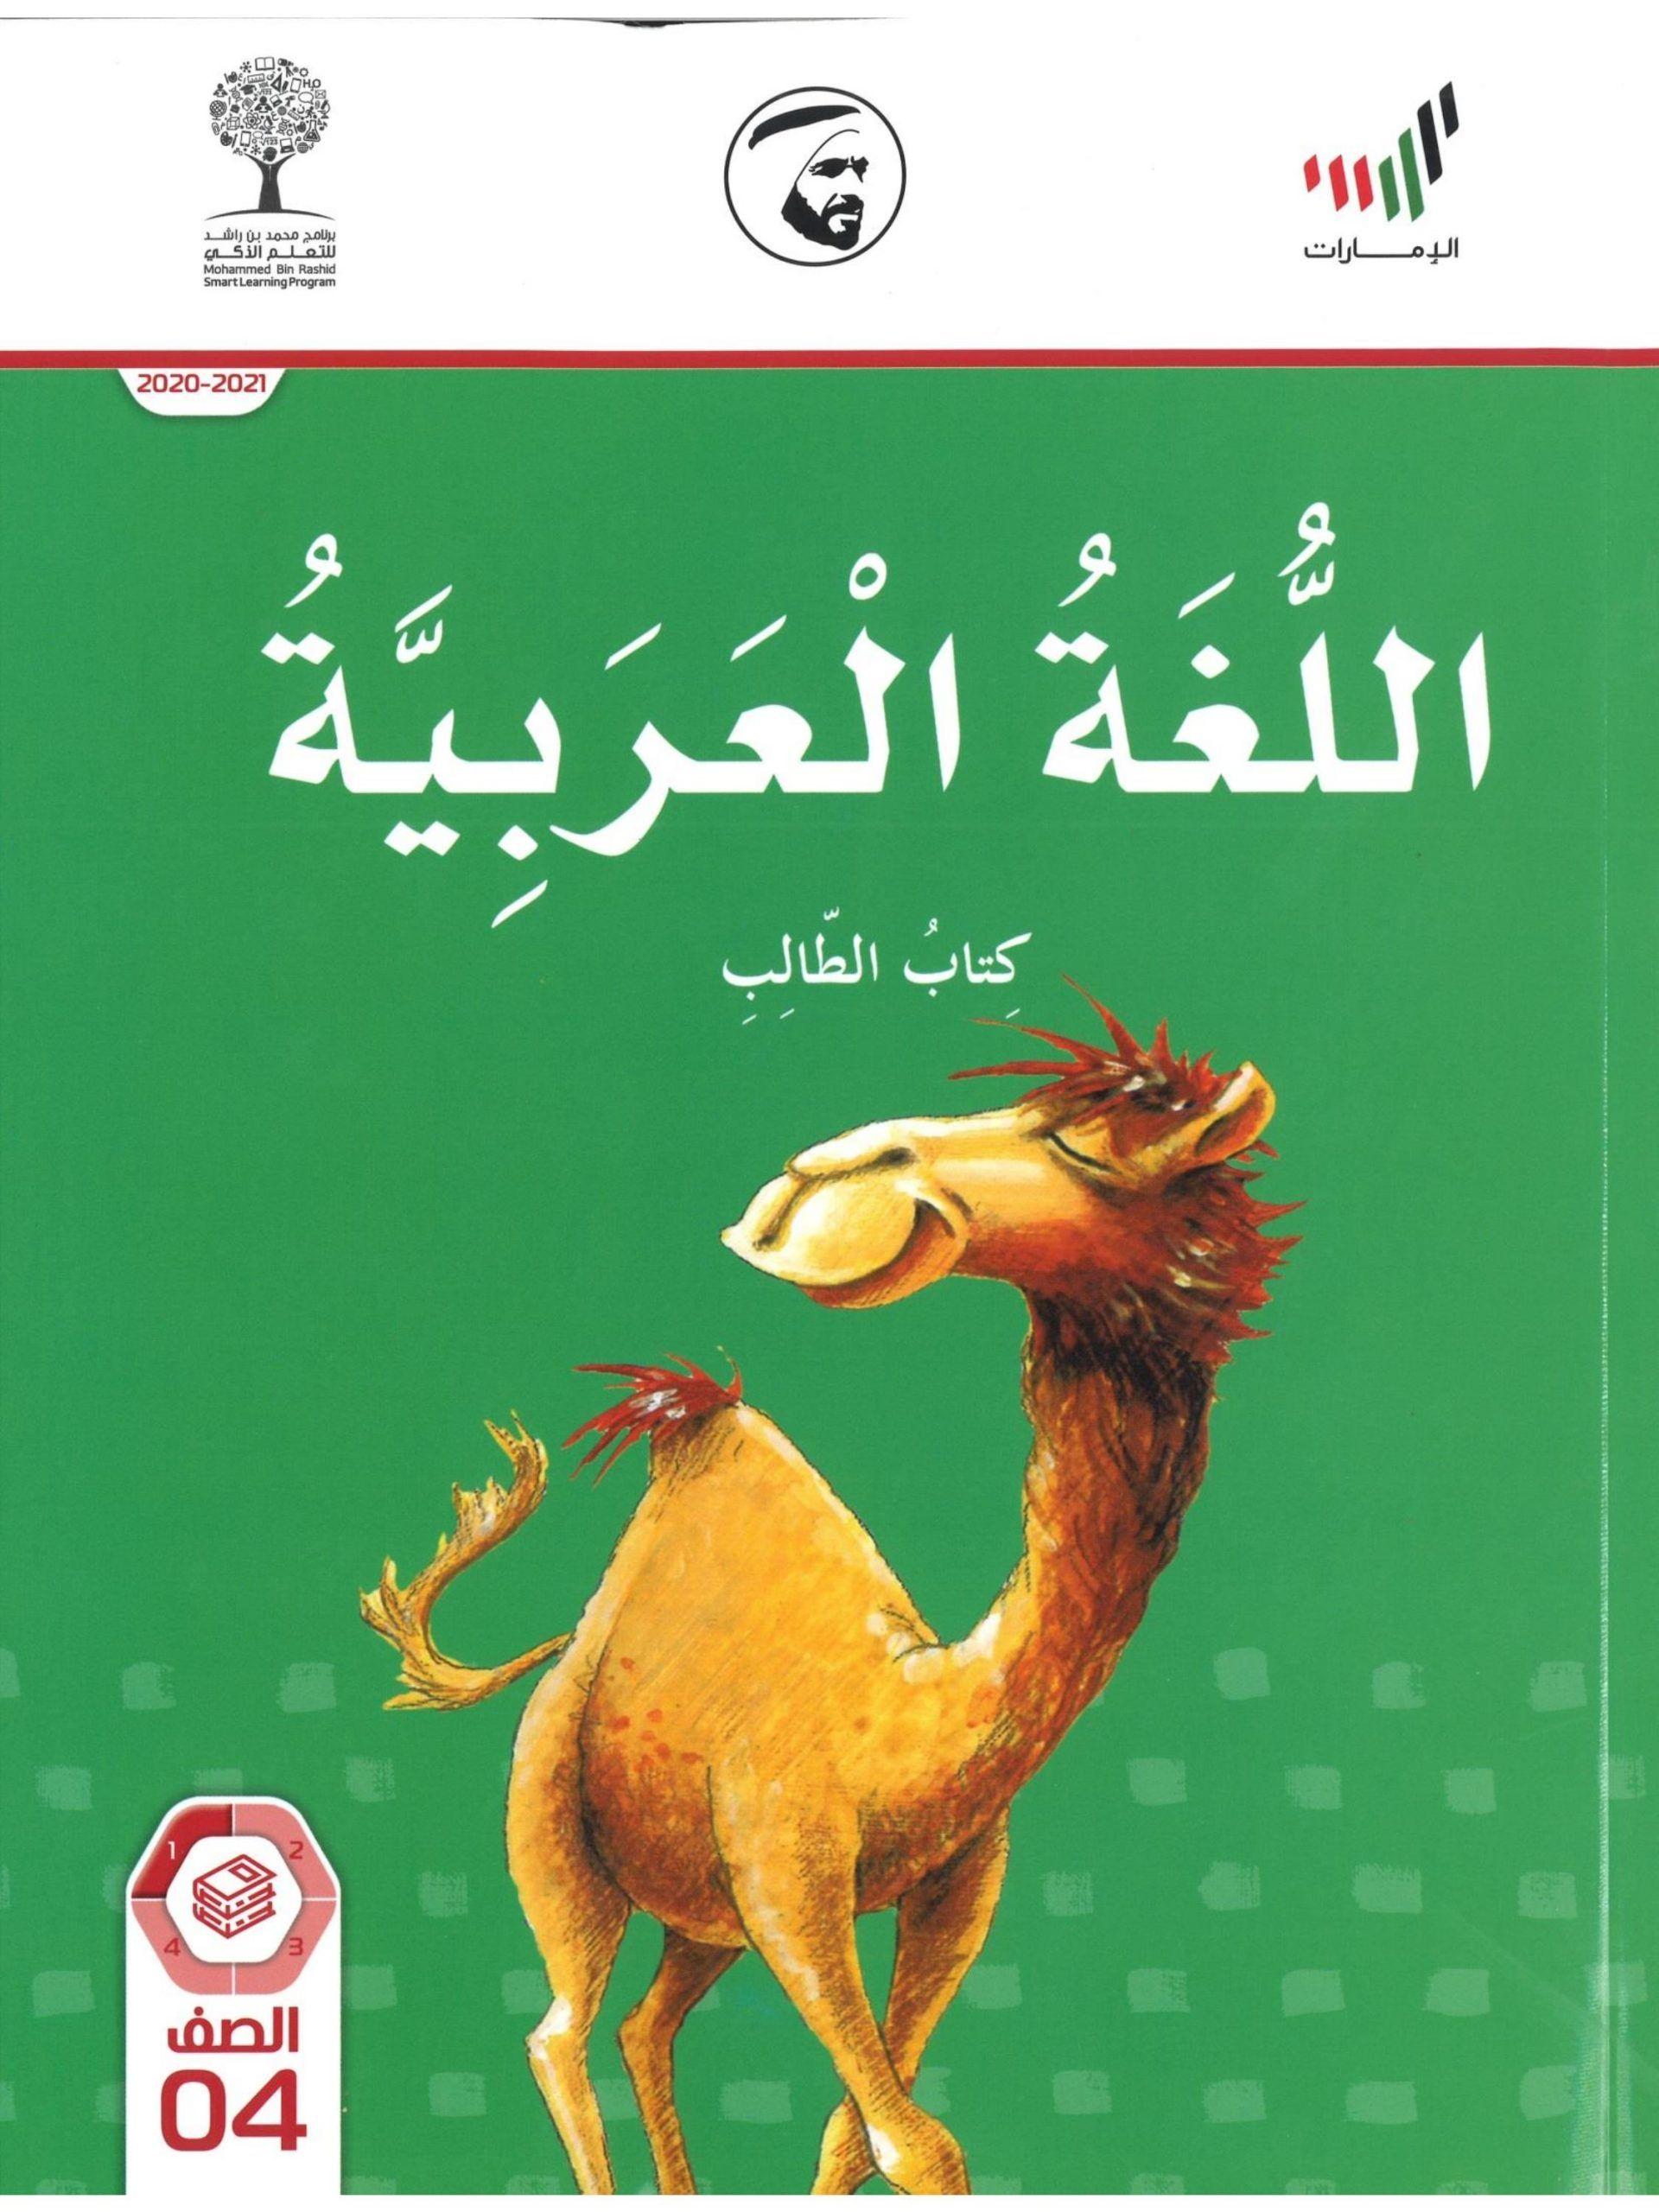 كتاب الطالب الجزء الاول 2020 2021 للصف الرابع مادة اللغة العربية Alignment Captions Jus